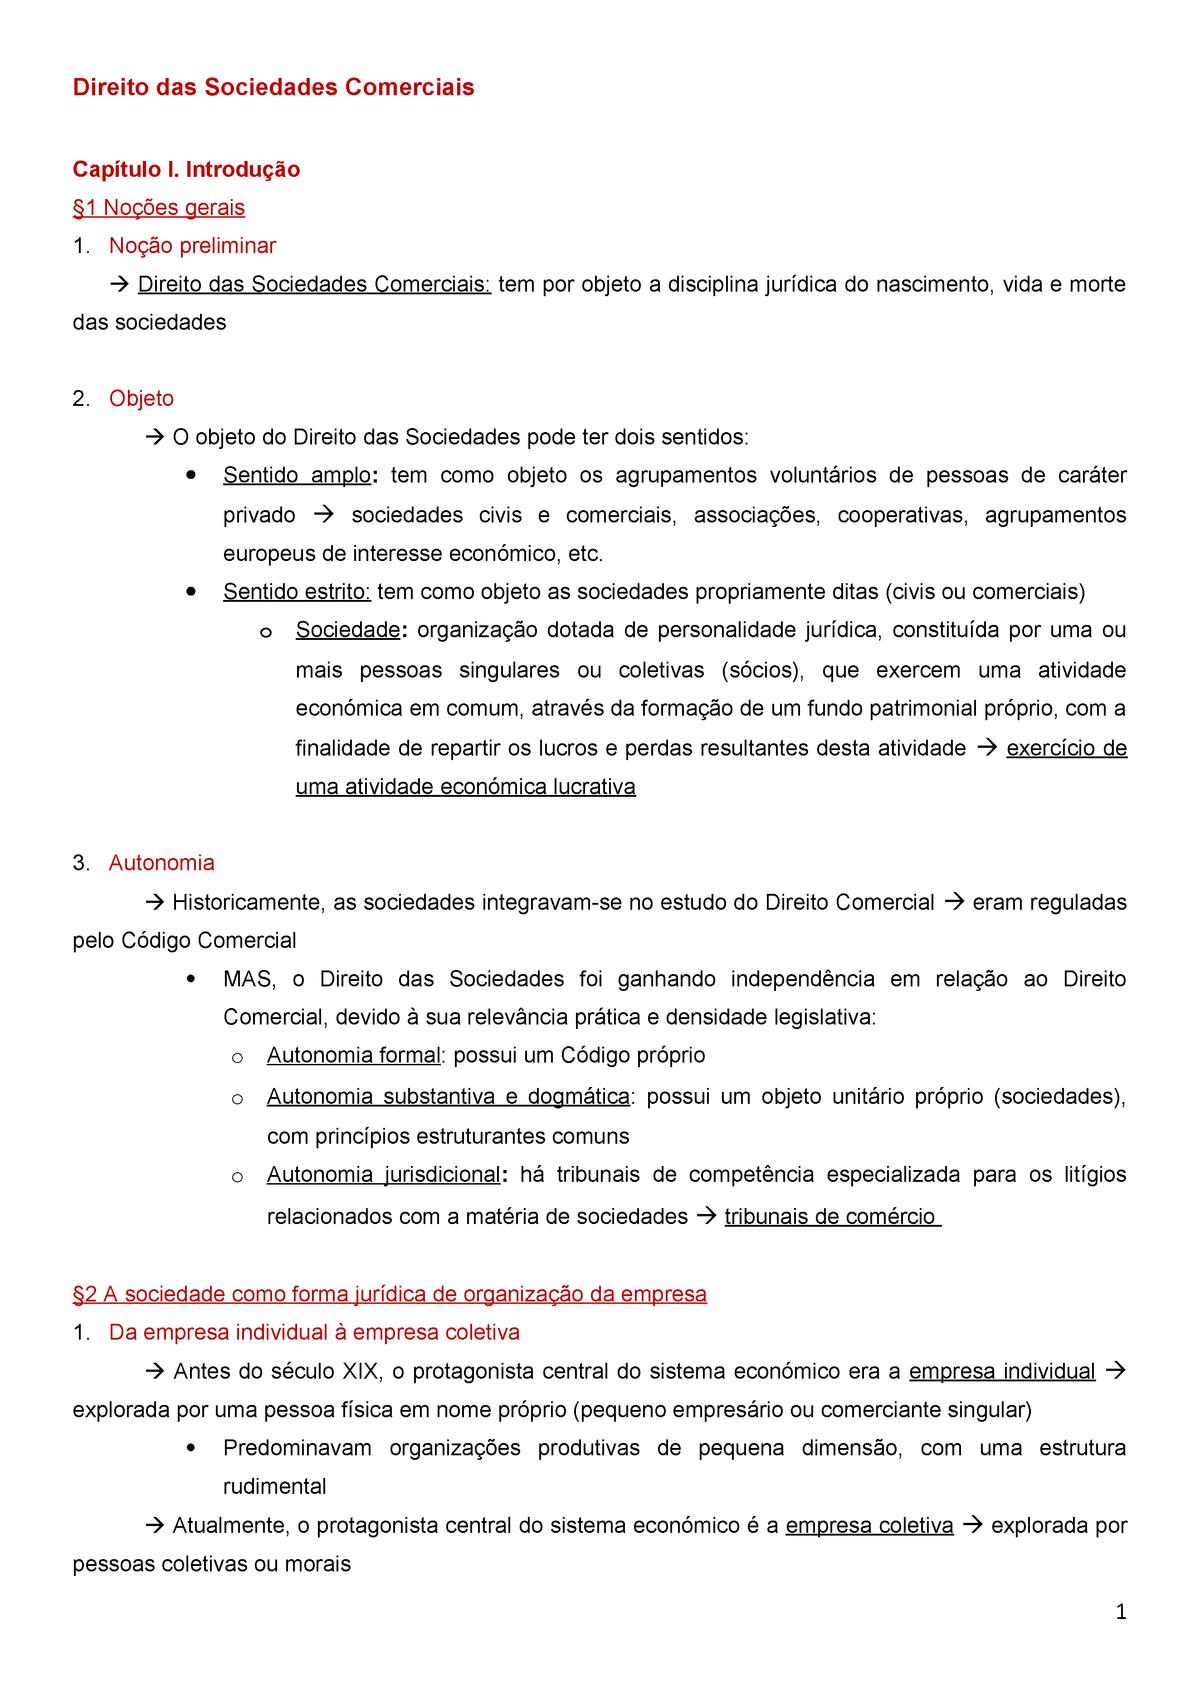 42de826b9c8f Direito SComerciais livro - Sociedades Comerciais - StuDocu